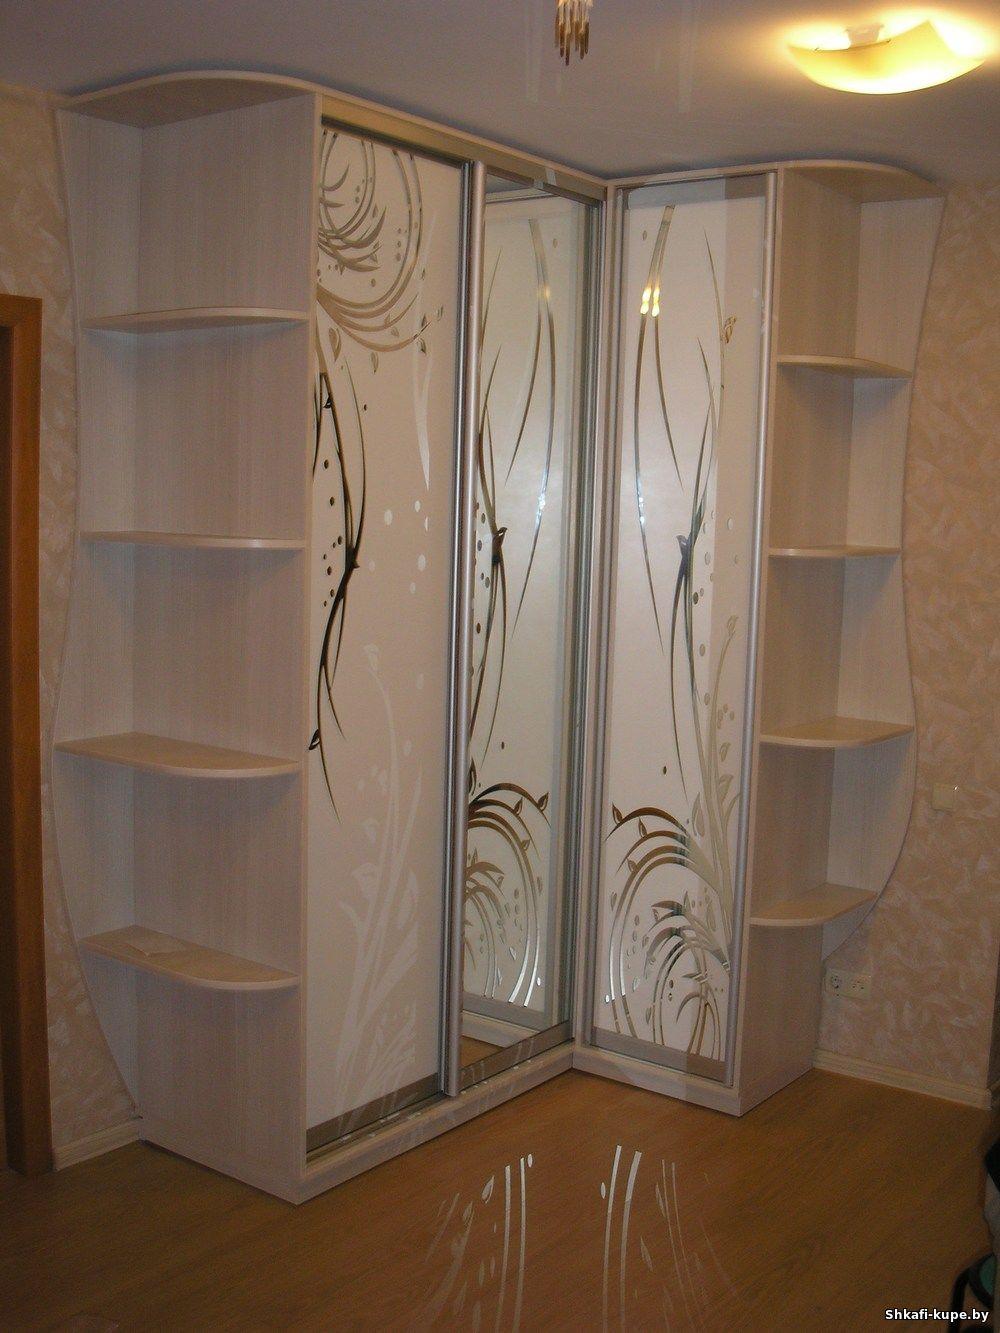 Производство шкафов-купе на заказ в саратове - шкаф купе сар.